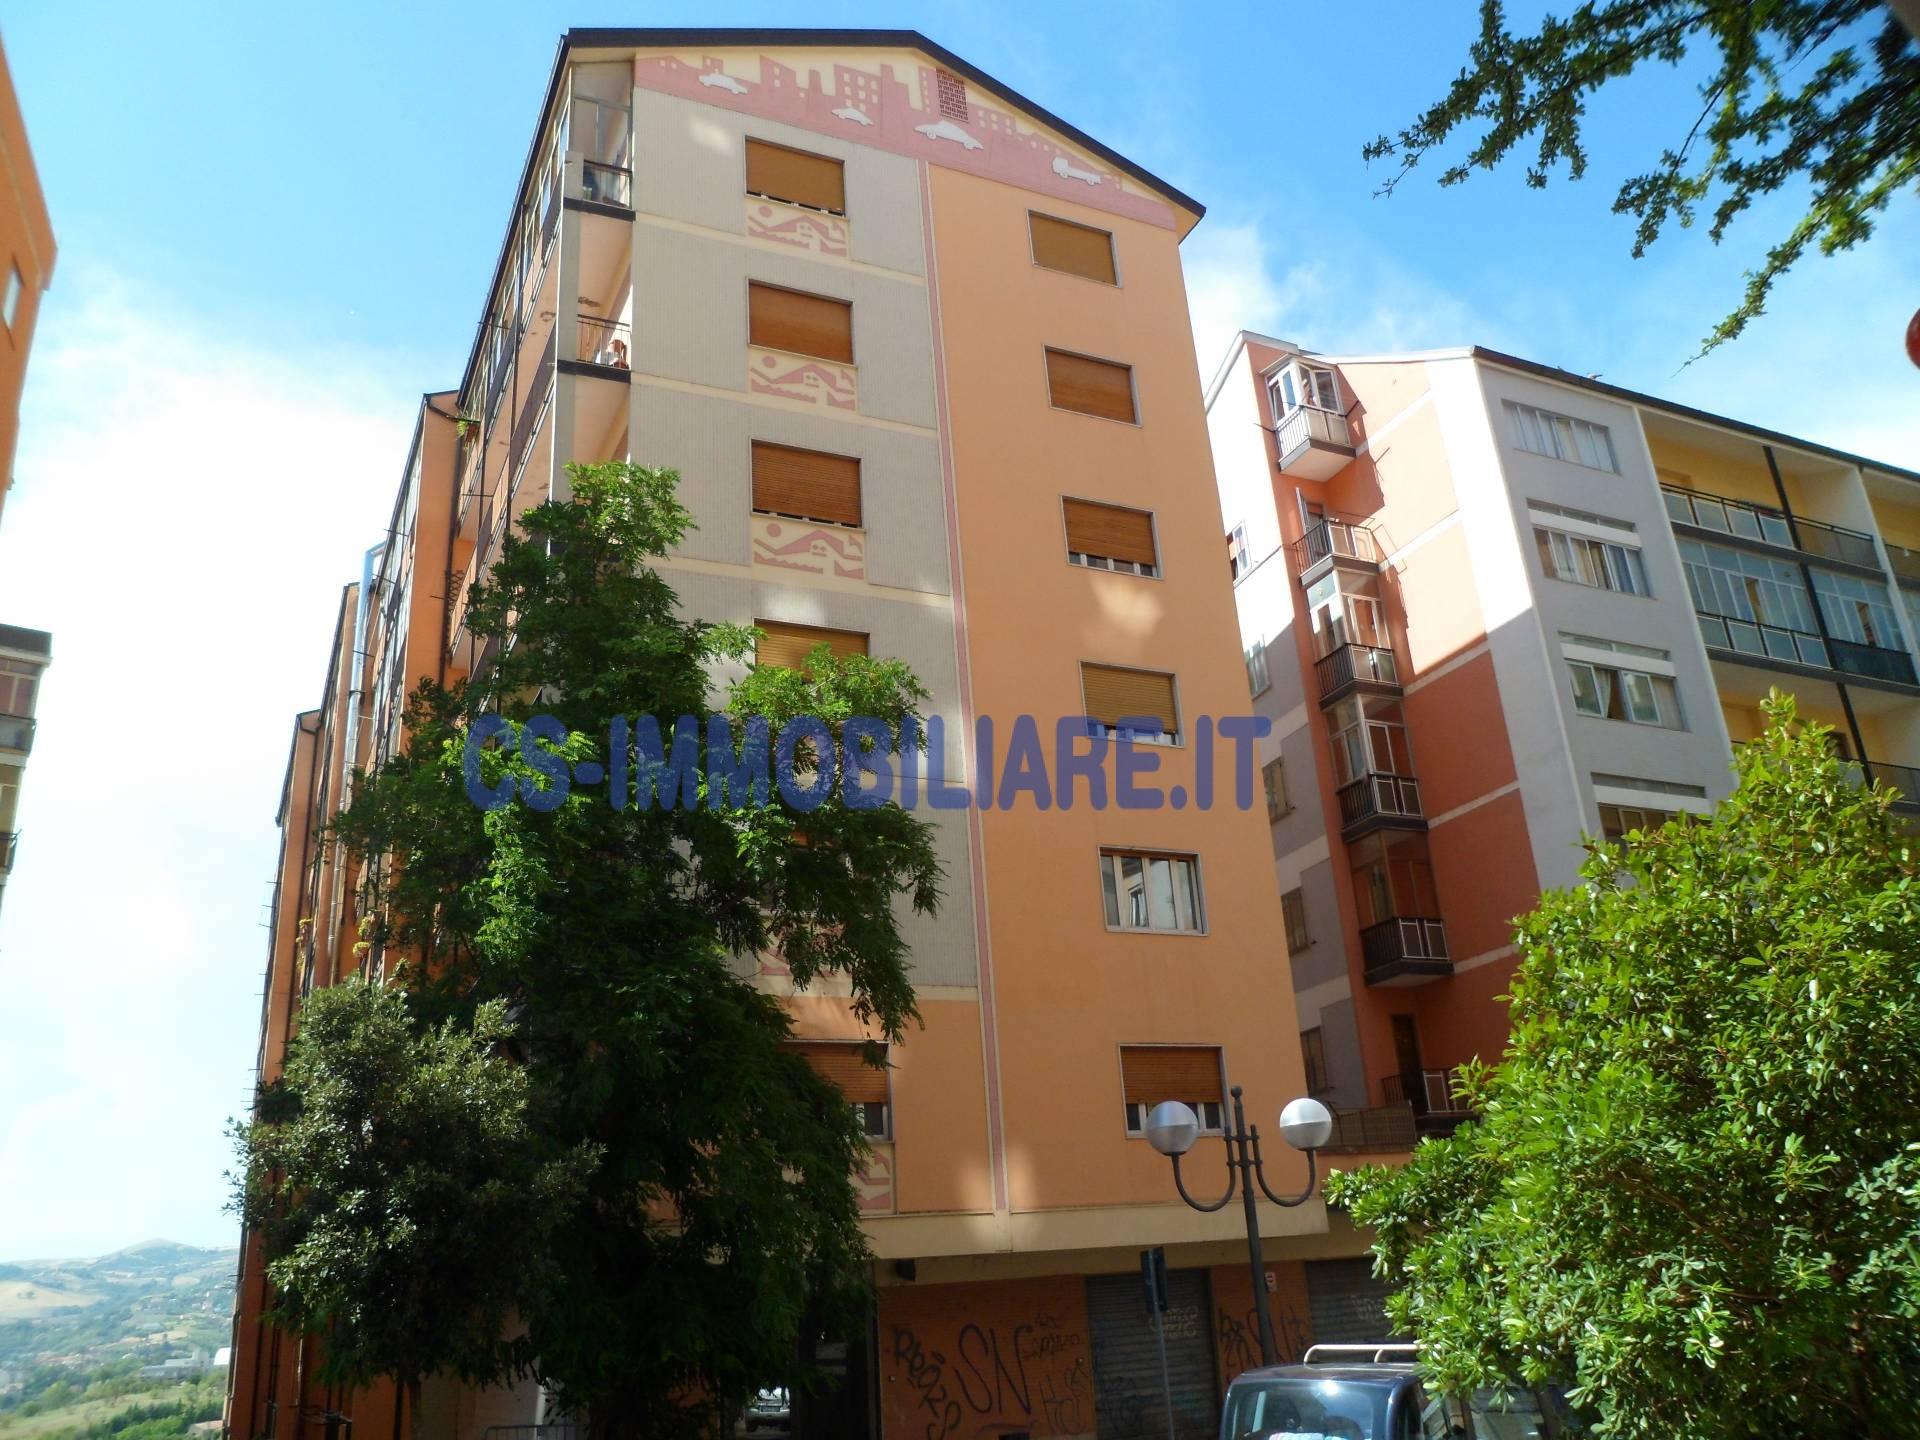 Appartamento in vendita a Potenza, 5 locali, zona Località: ViaMazzini, prezzo € 158.000 | Cambio Casa.it